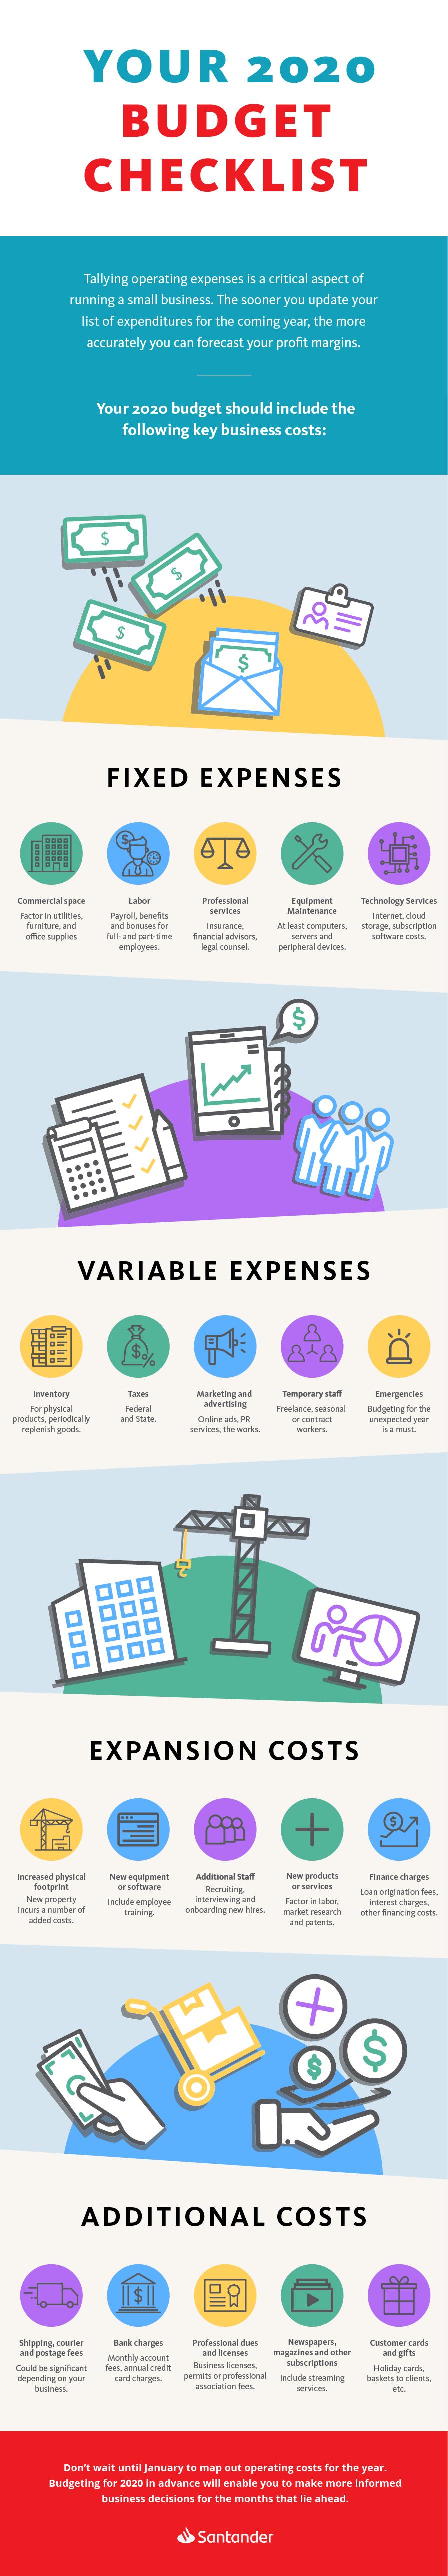 2020 budget checklist